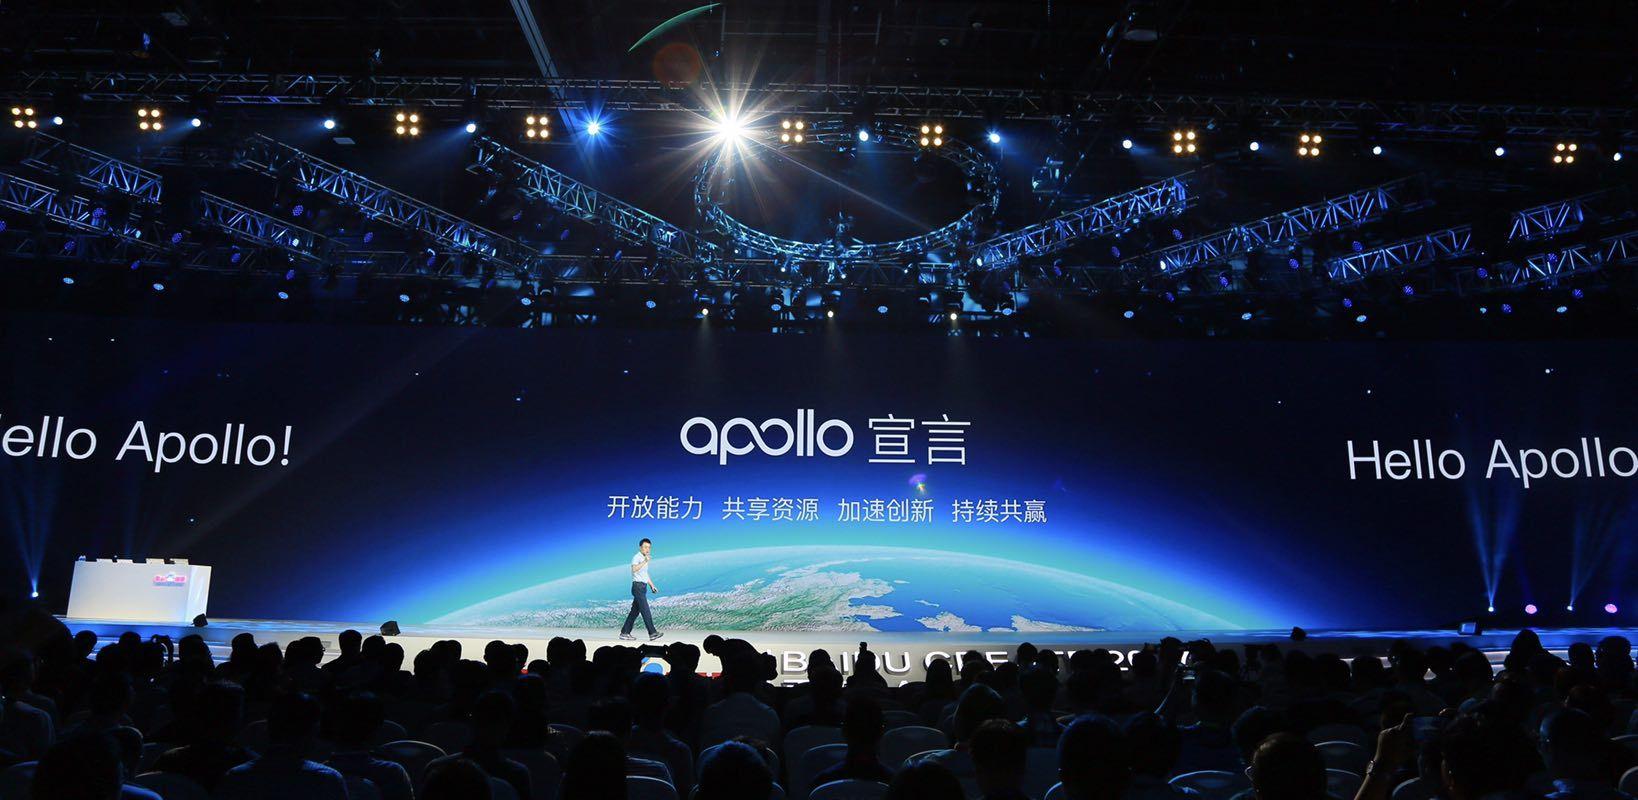 投入不及巨头十分之一,百度Apollo真实实力有几何?